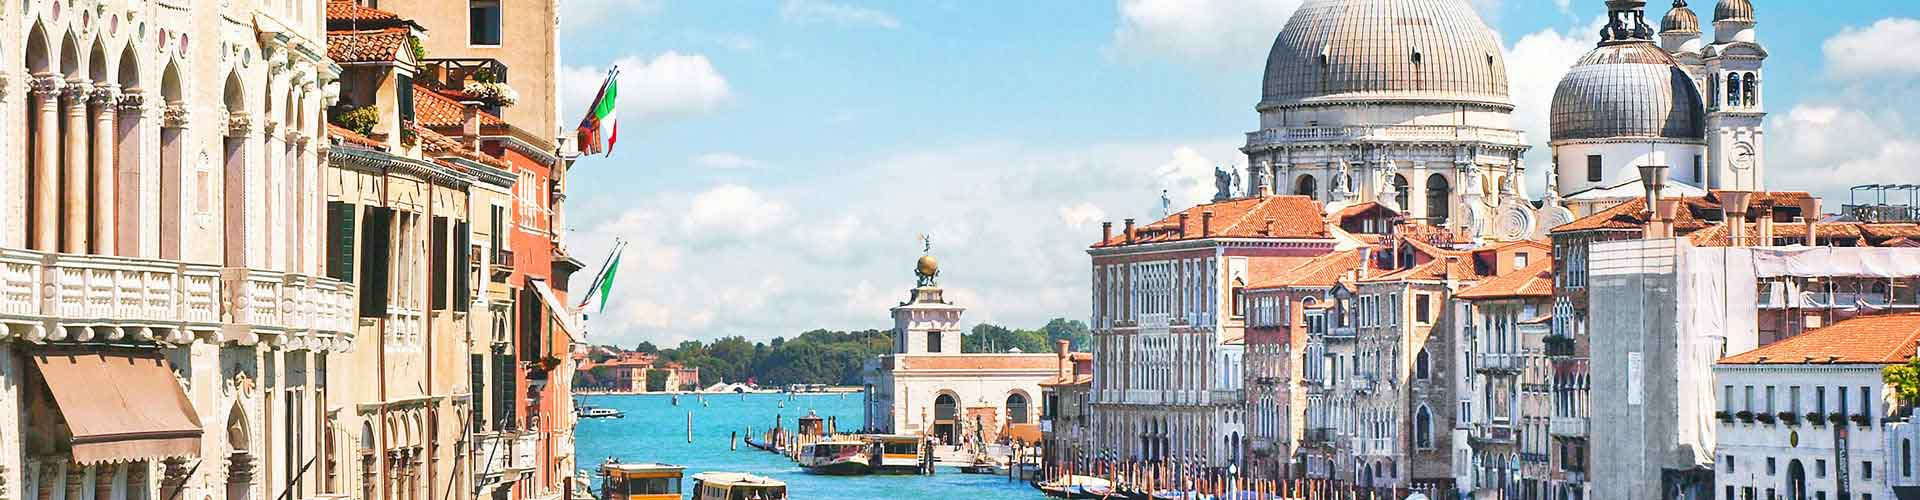 Venise - Hôtels près de Santa Maria della Salute. Cartes pour Venise, photos et commentaires pour chaque Hôtel à Venise.